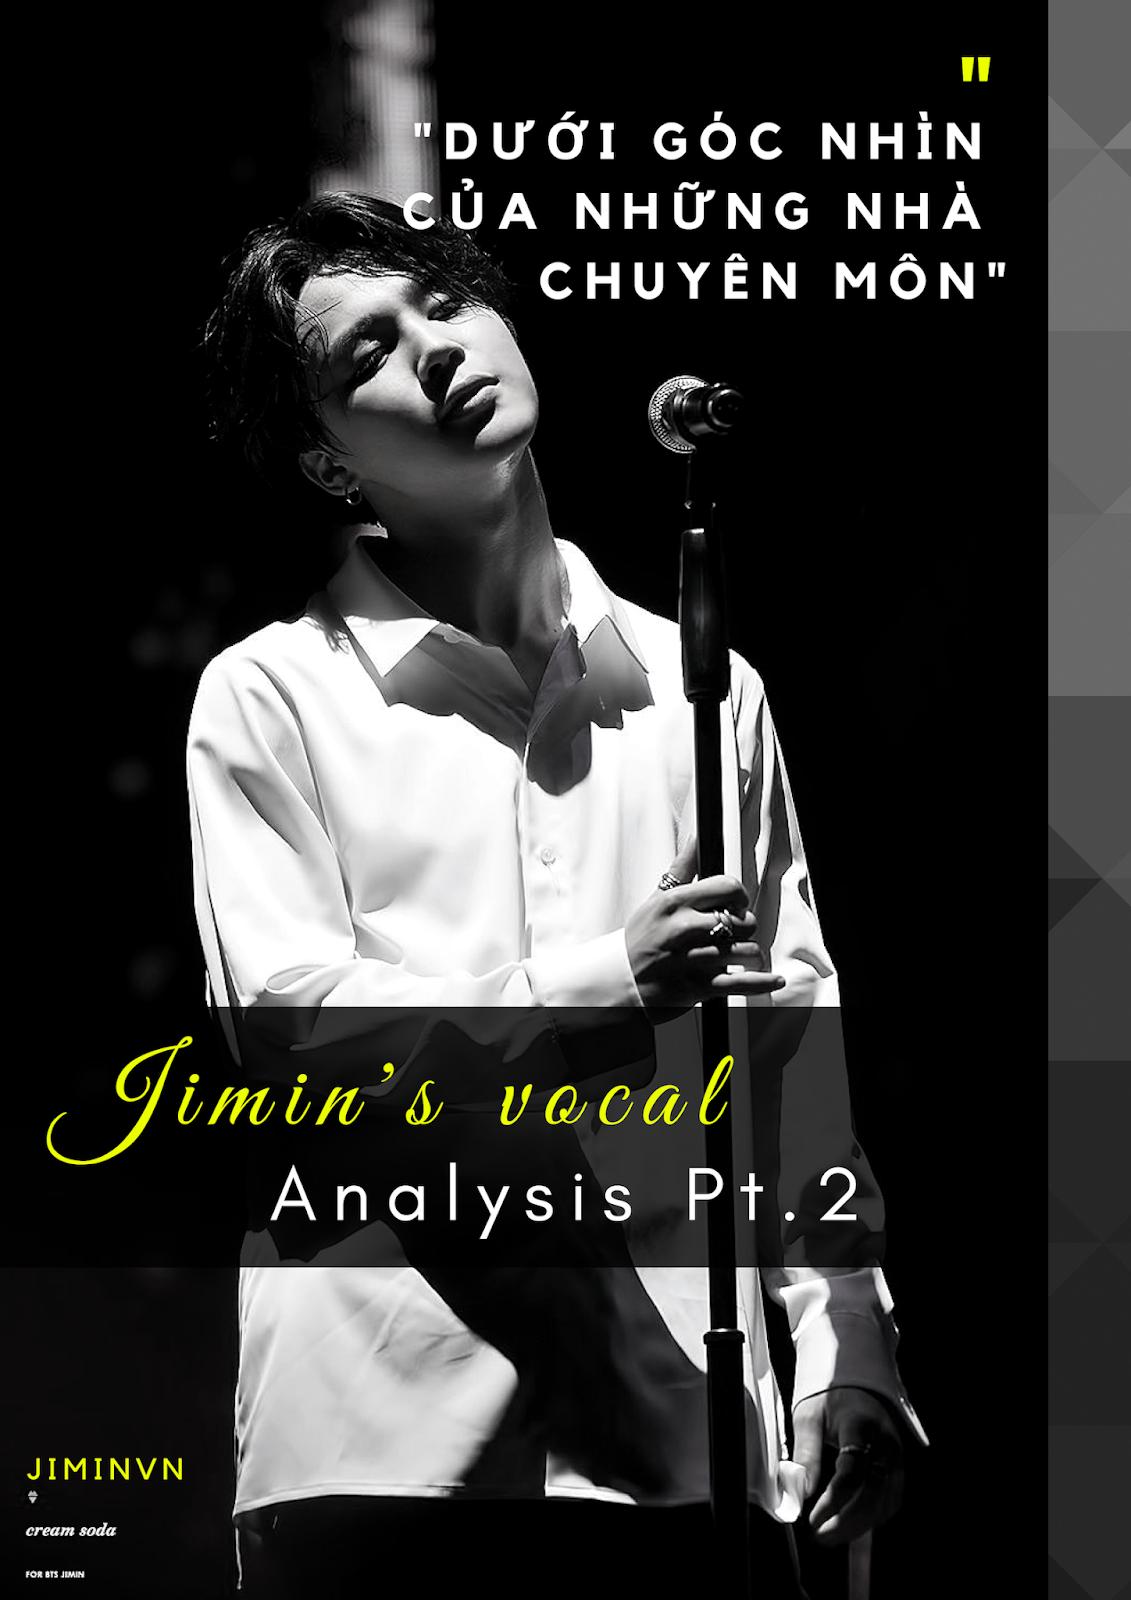 Bts Vocal Analysis 2019